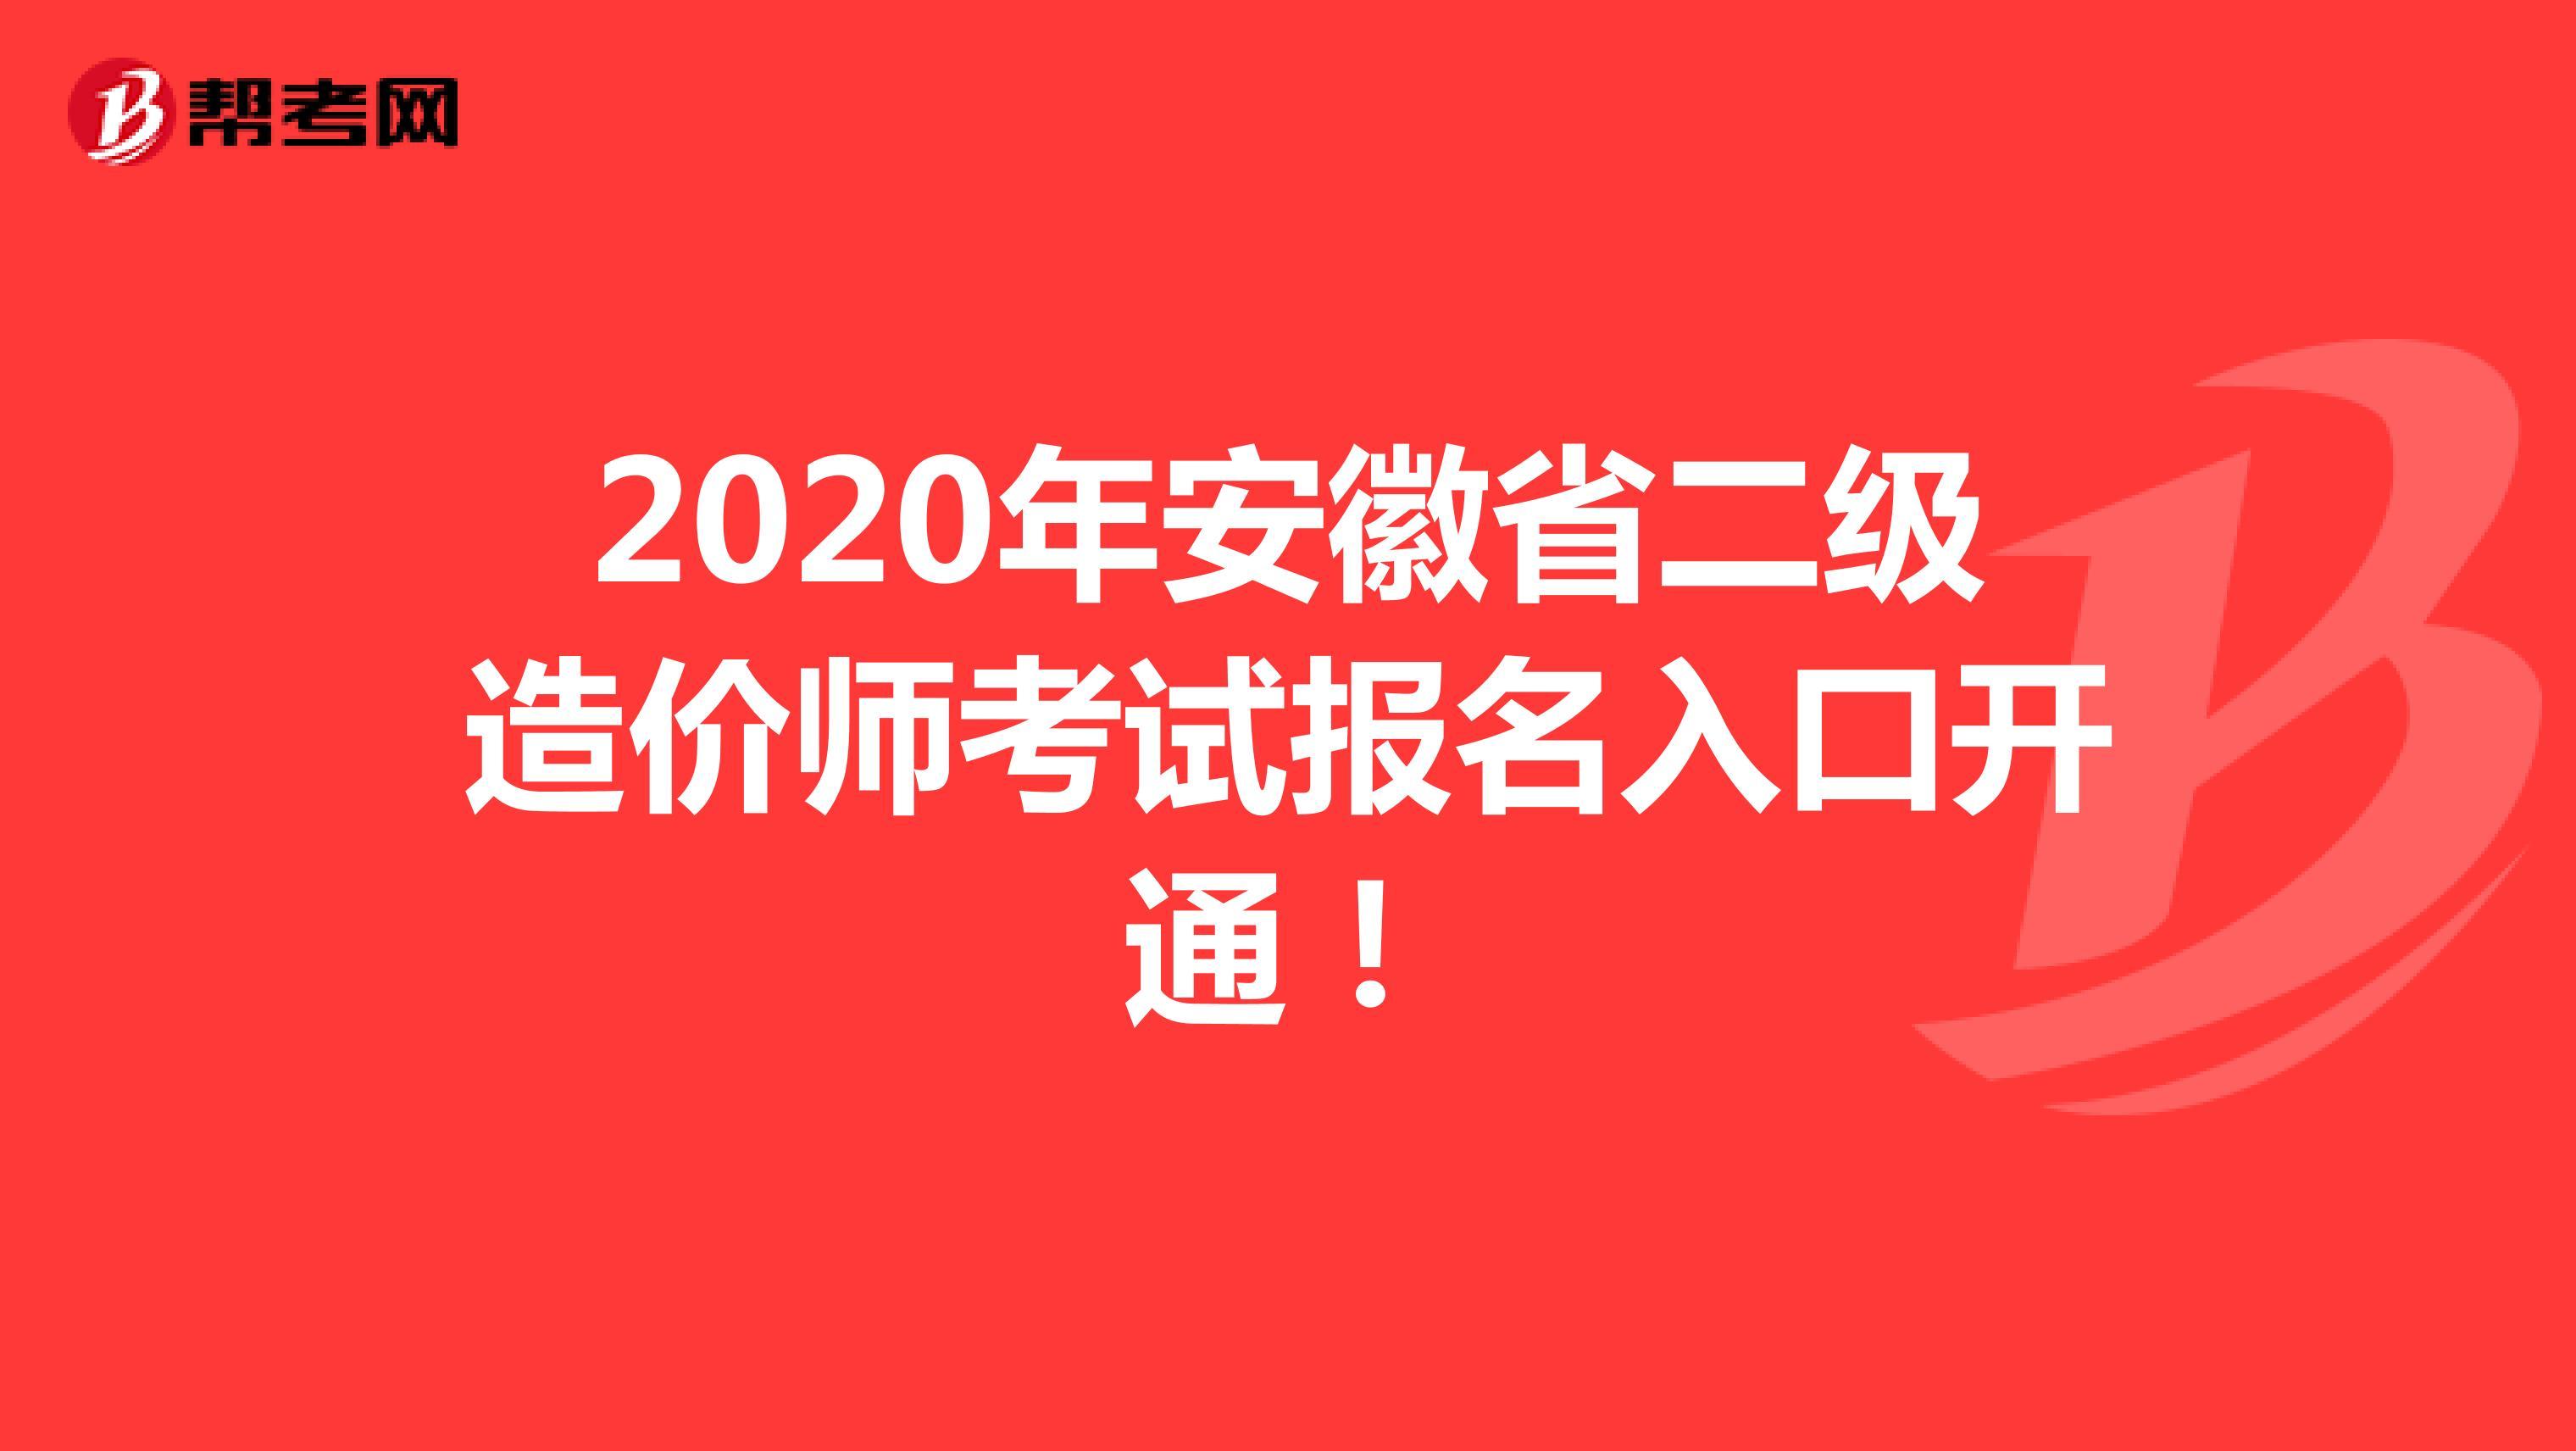 2020年安徽省竞技官网师雷火app入口开通!